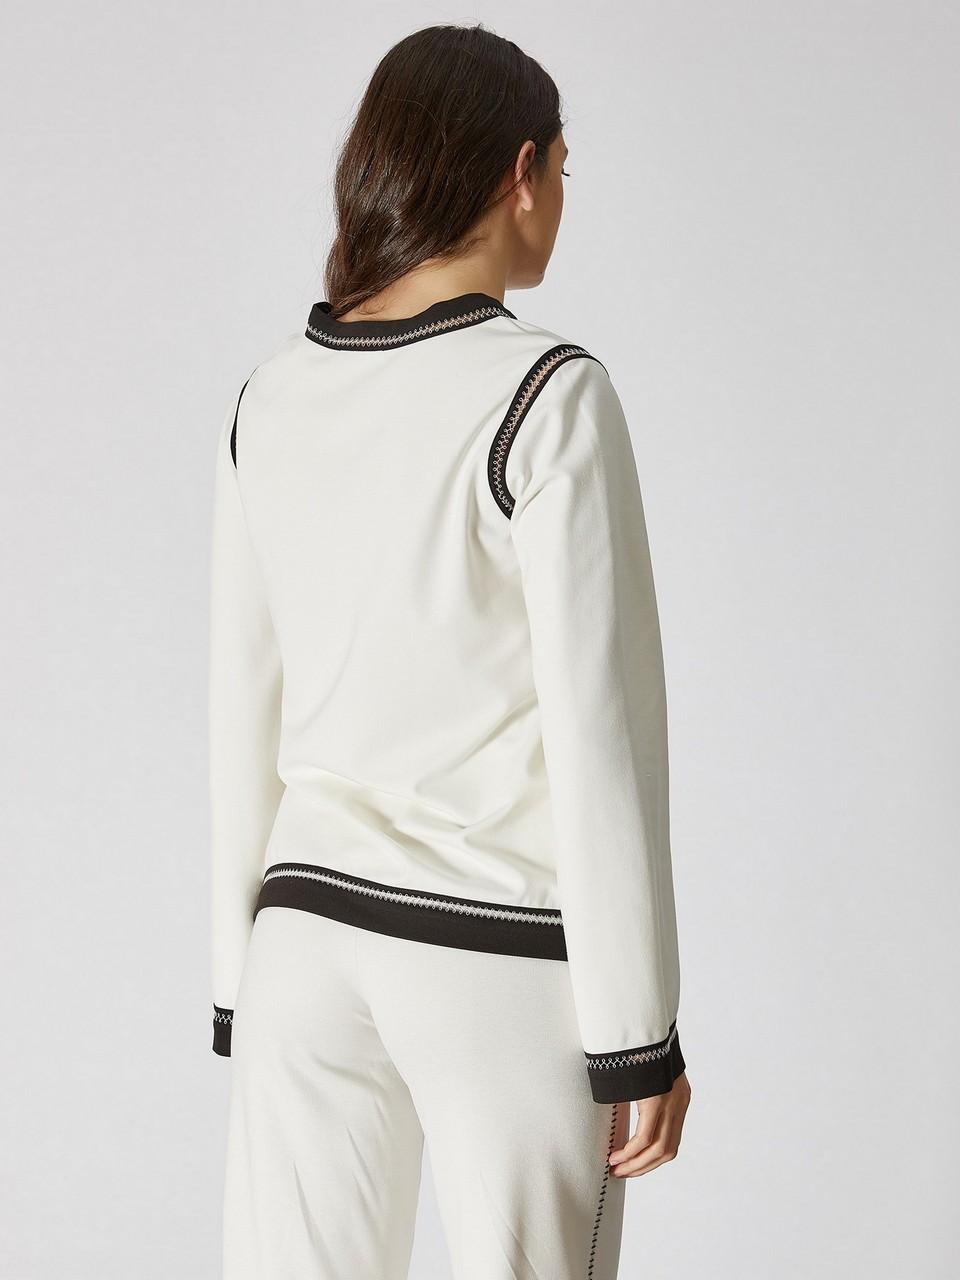 Kayık Yaka Uzun Kol Şerit Detaylı Sweatshirt